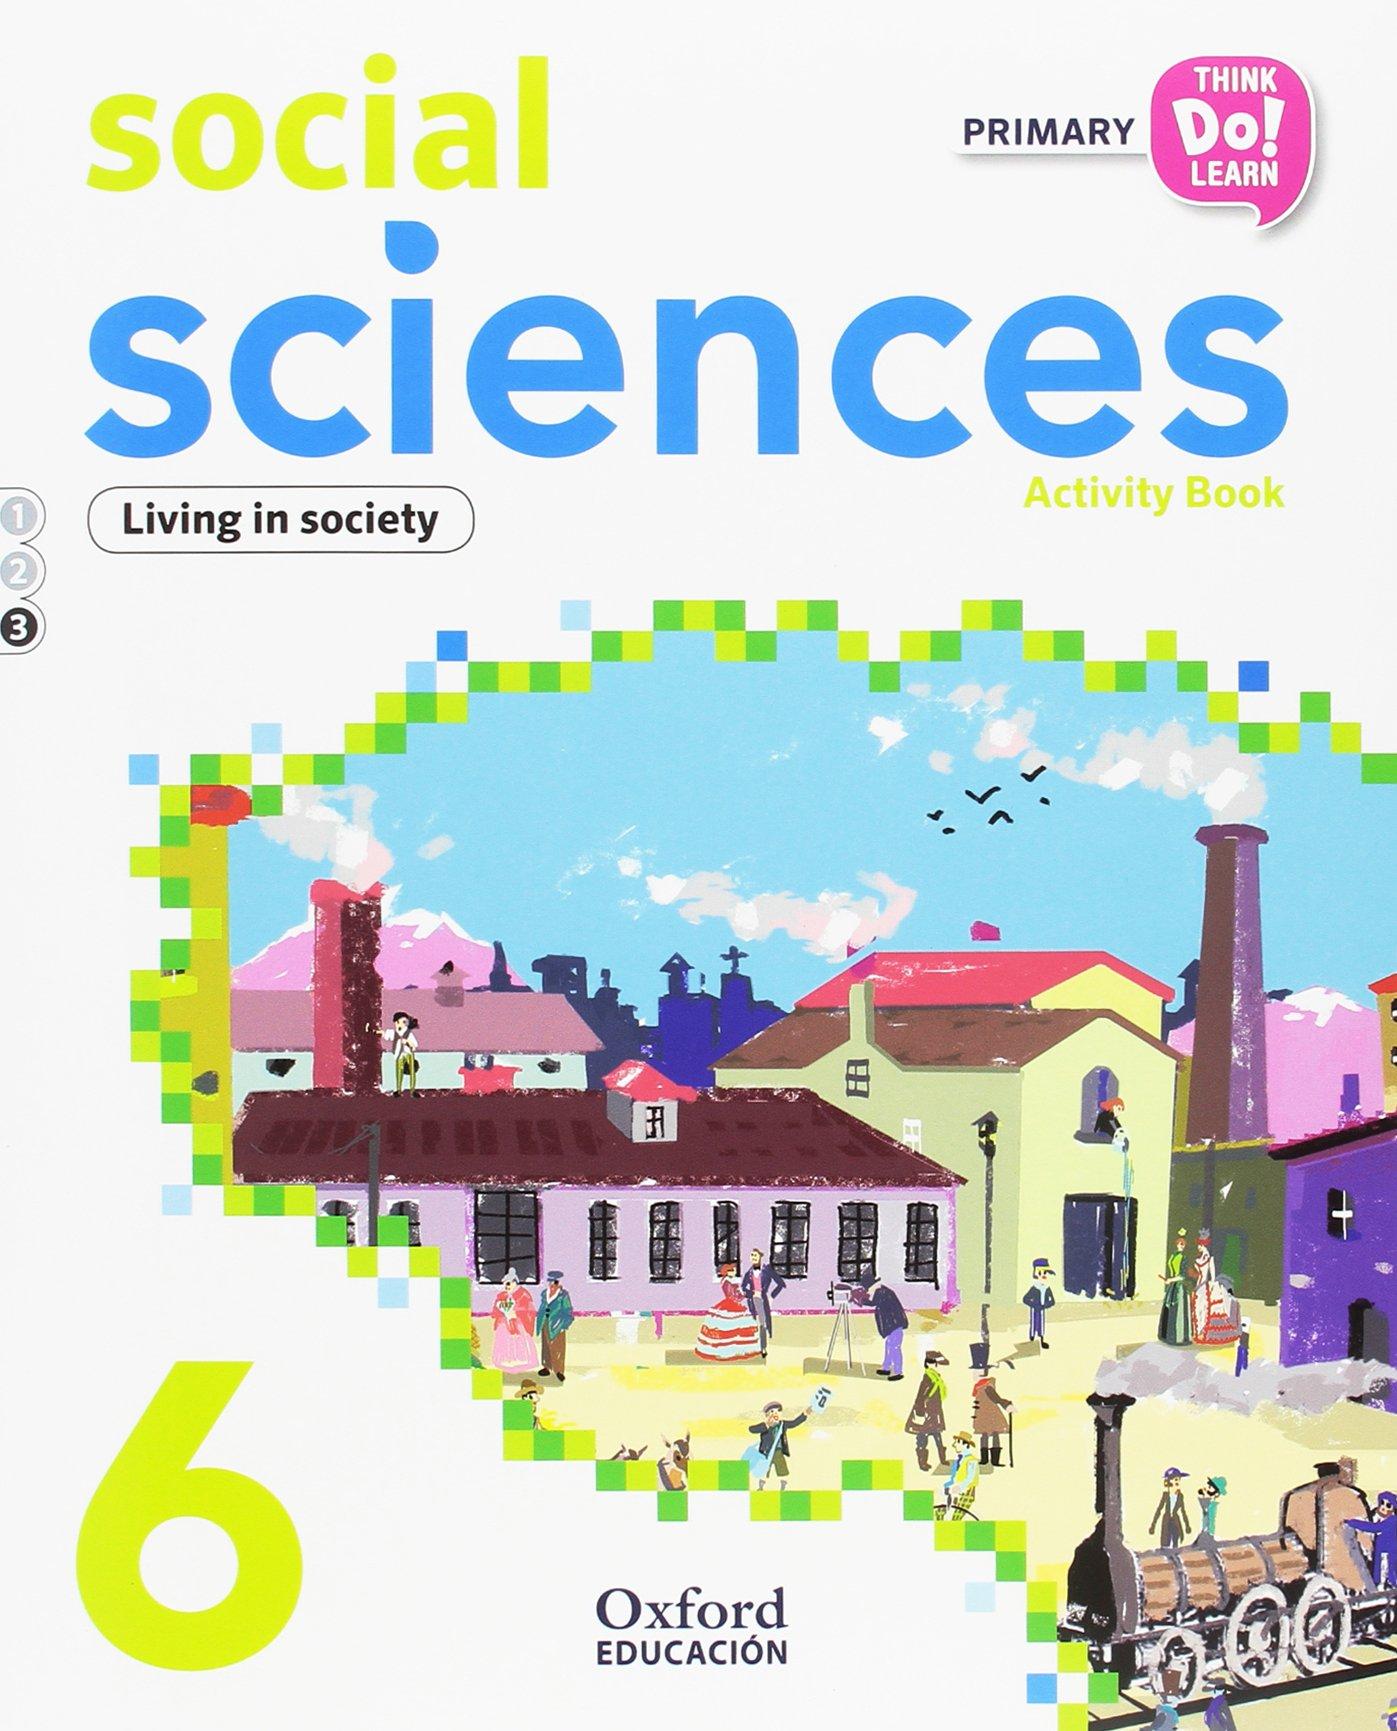 Think Do Learn Social Sciences 6th Primary. Activity book pack Amber: Amazon.es: Varios Autores: Libros en idiomas extranjeros